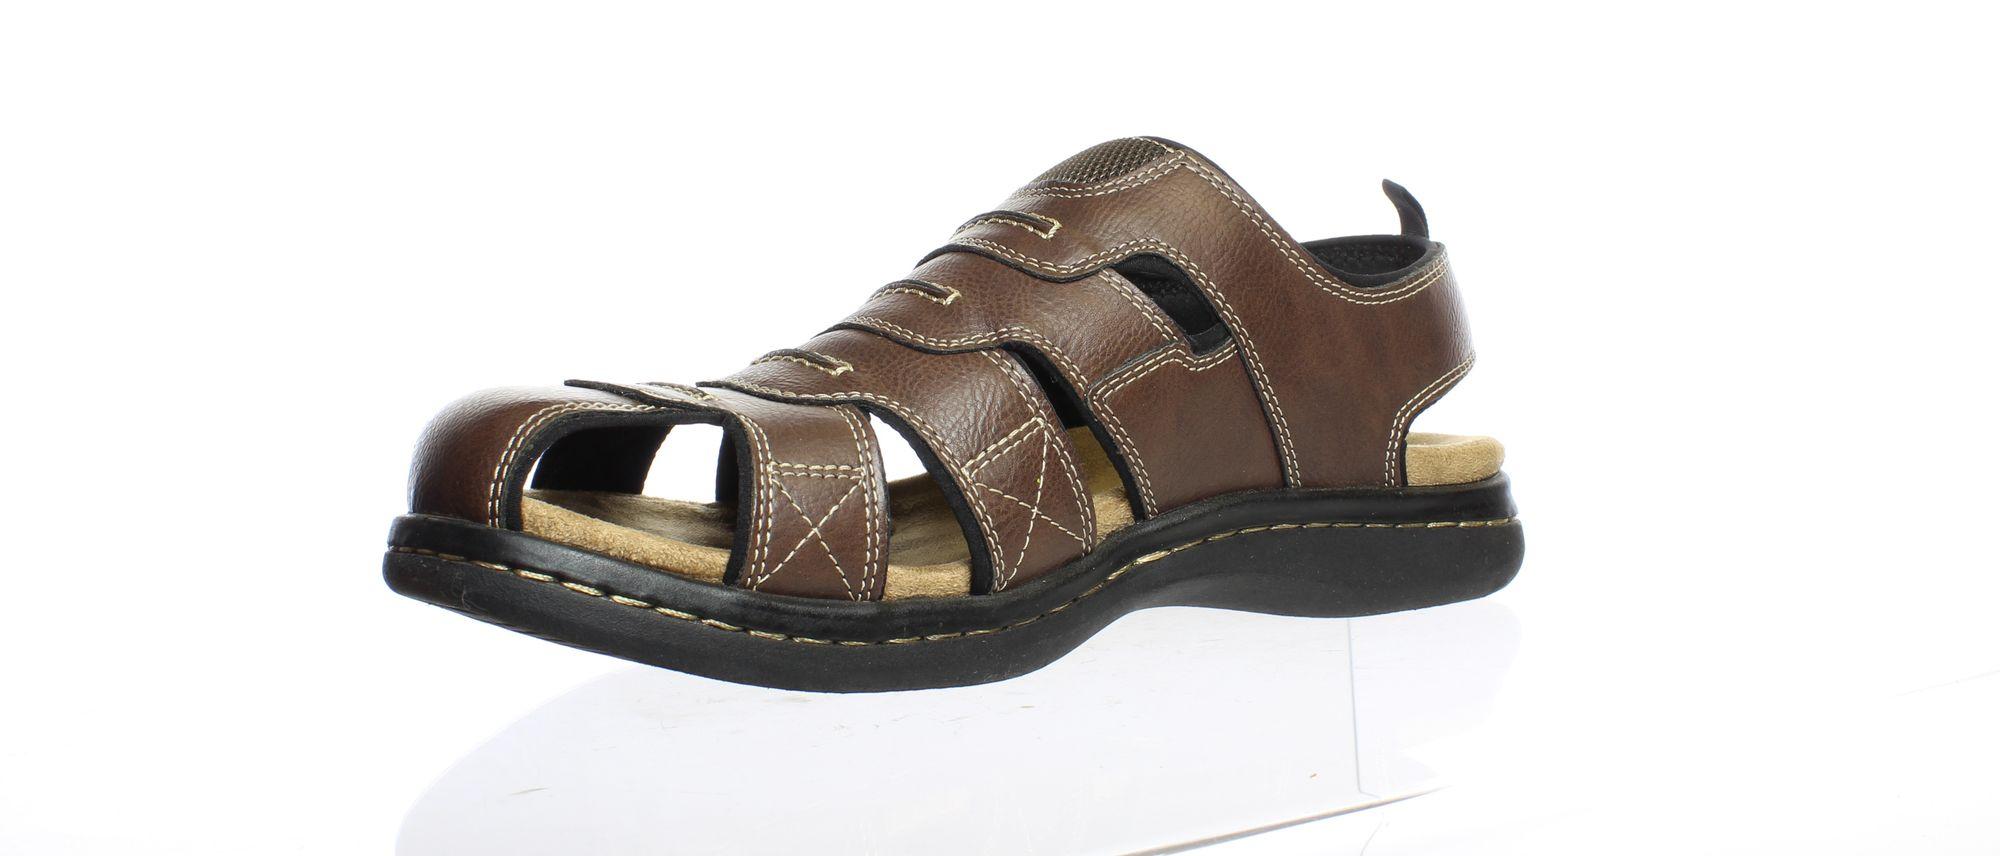 Dockers Mens Searose Briar Fisherman Sandals Size 9